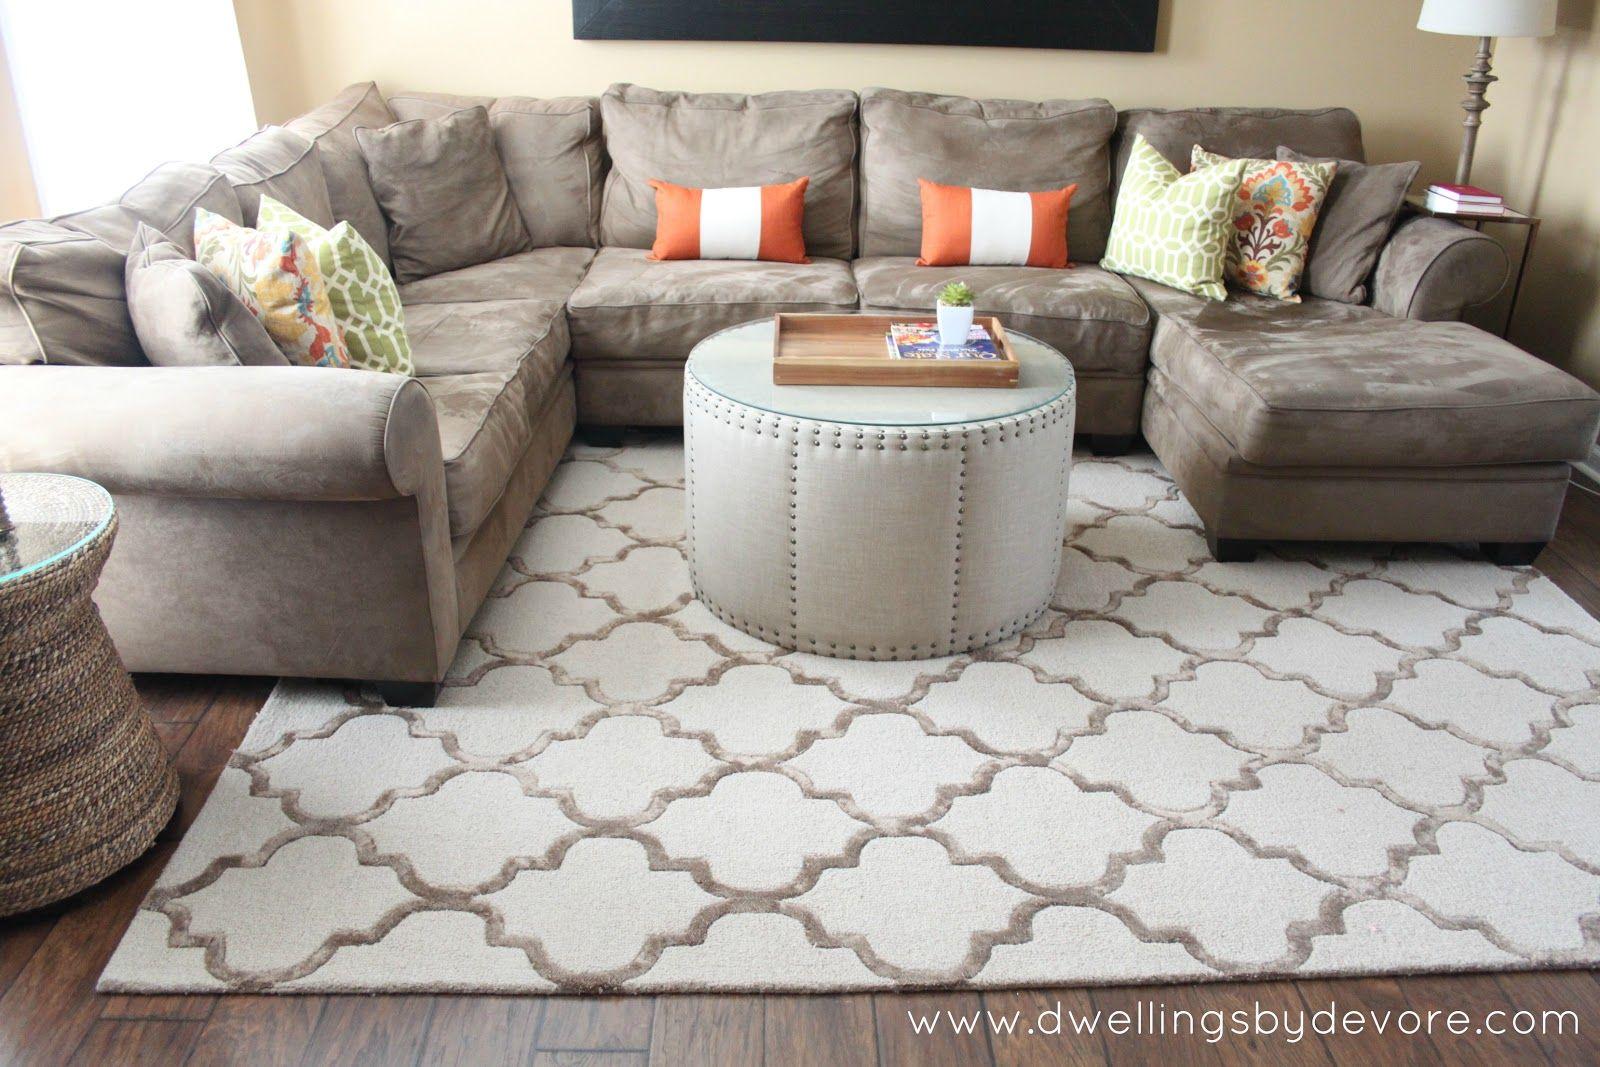 Coloured throw cushion on taupe sofa round ottoman